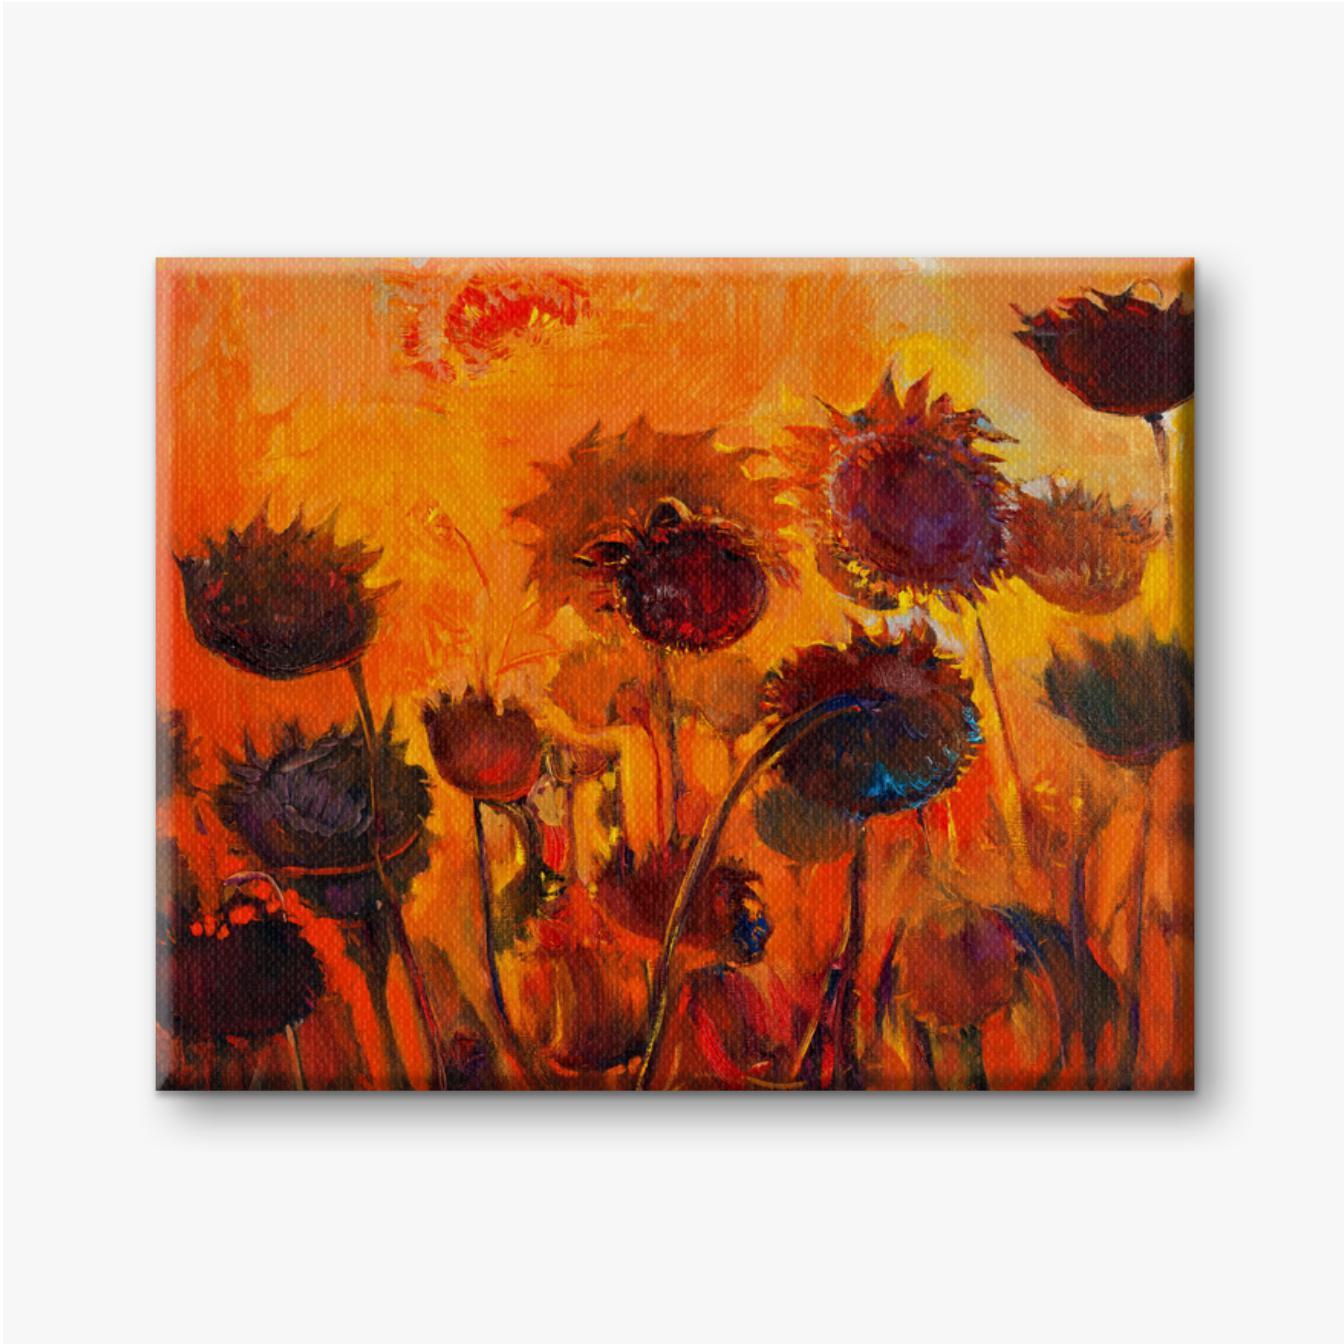 Sonnenblumen auf einem orange Hintergrund. Brennende Sonnenblumen.